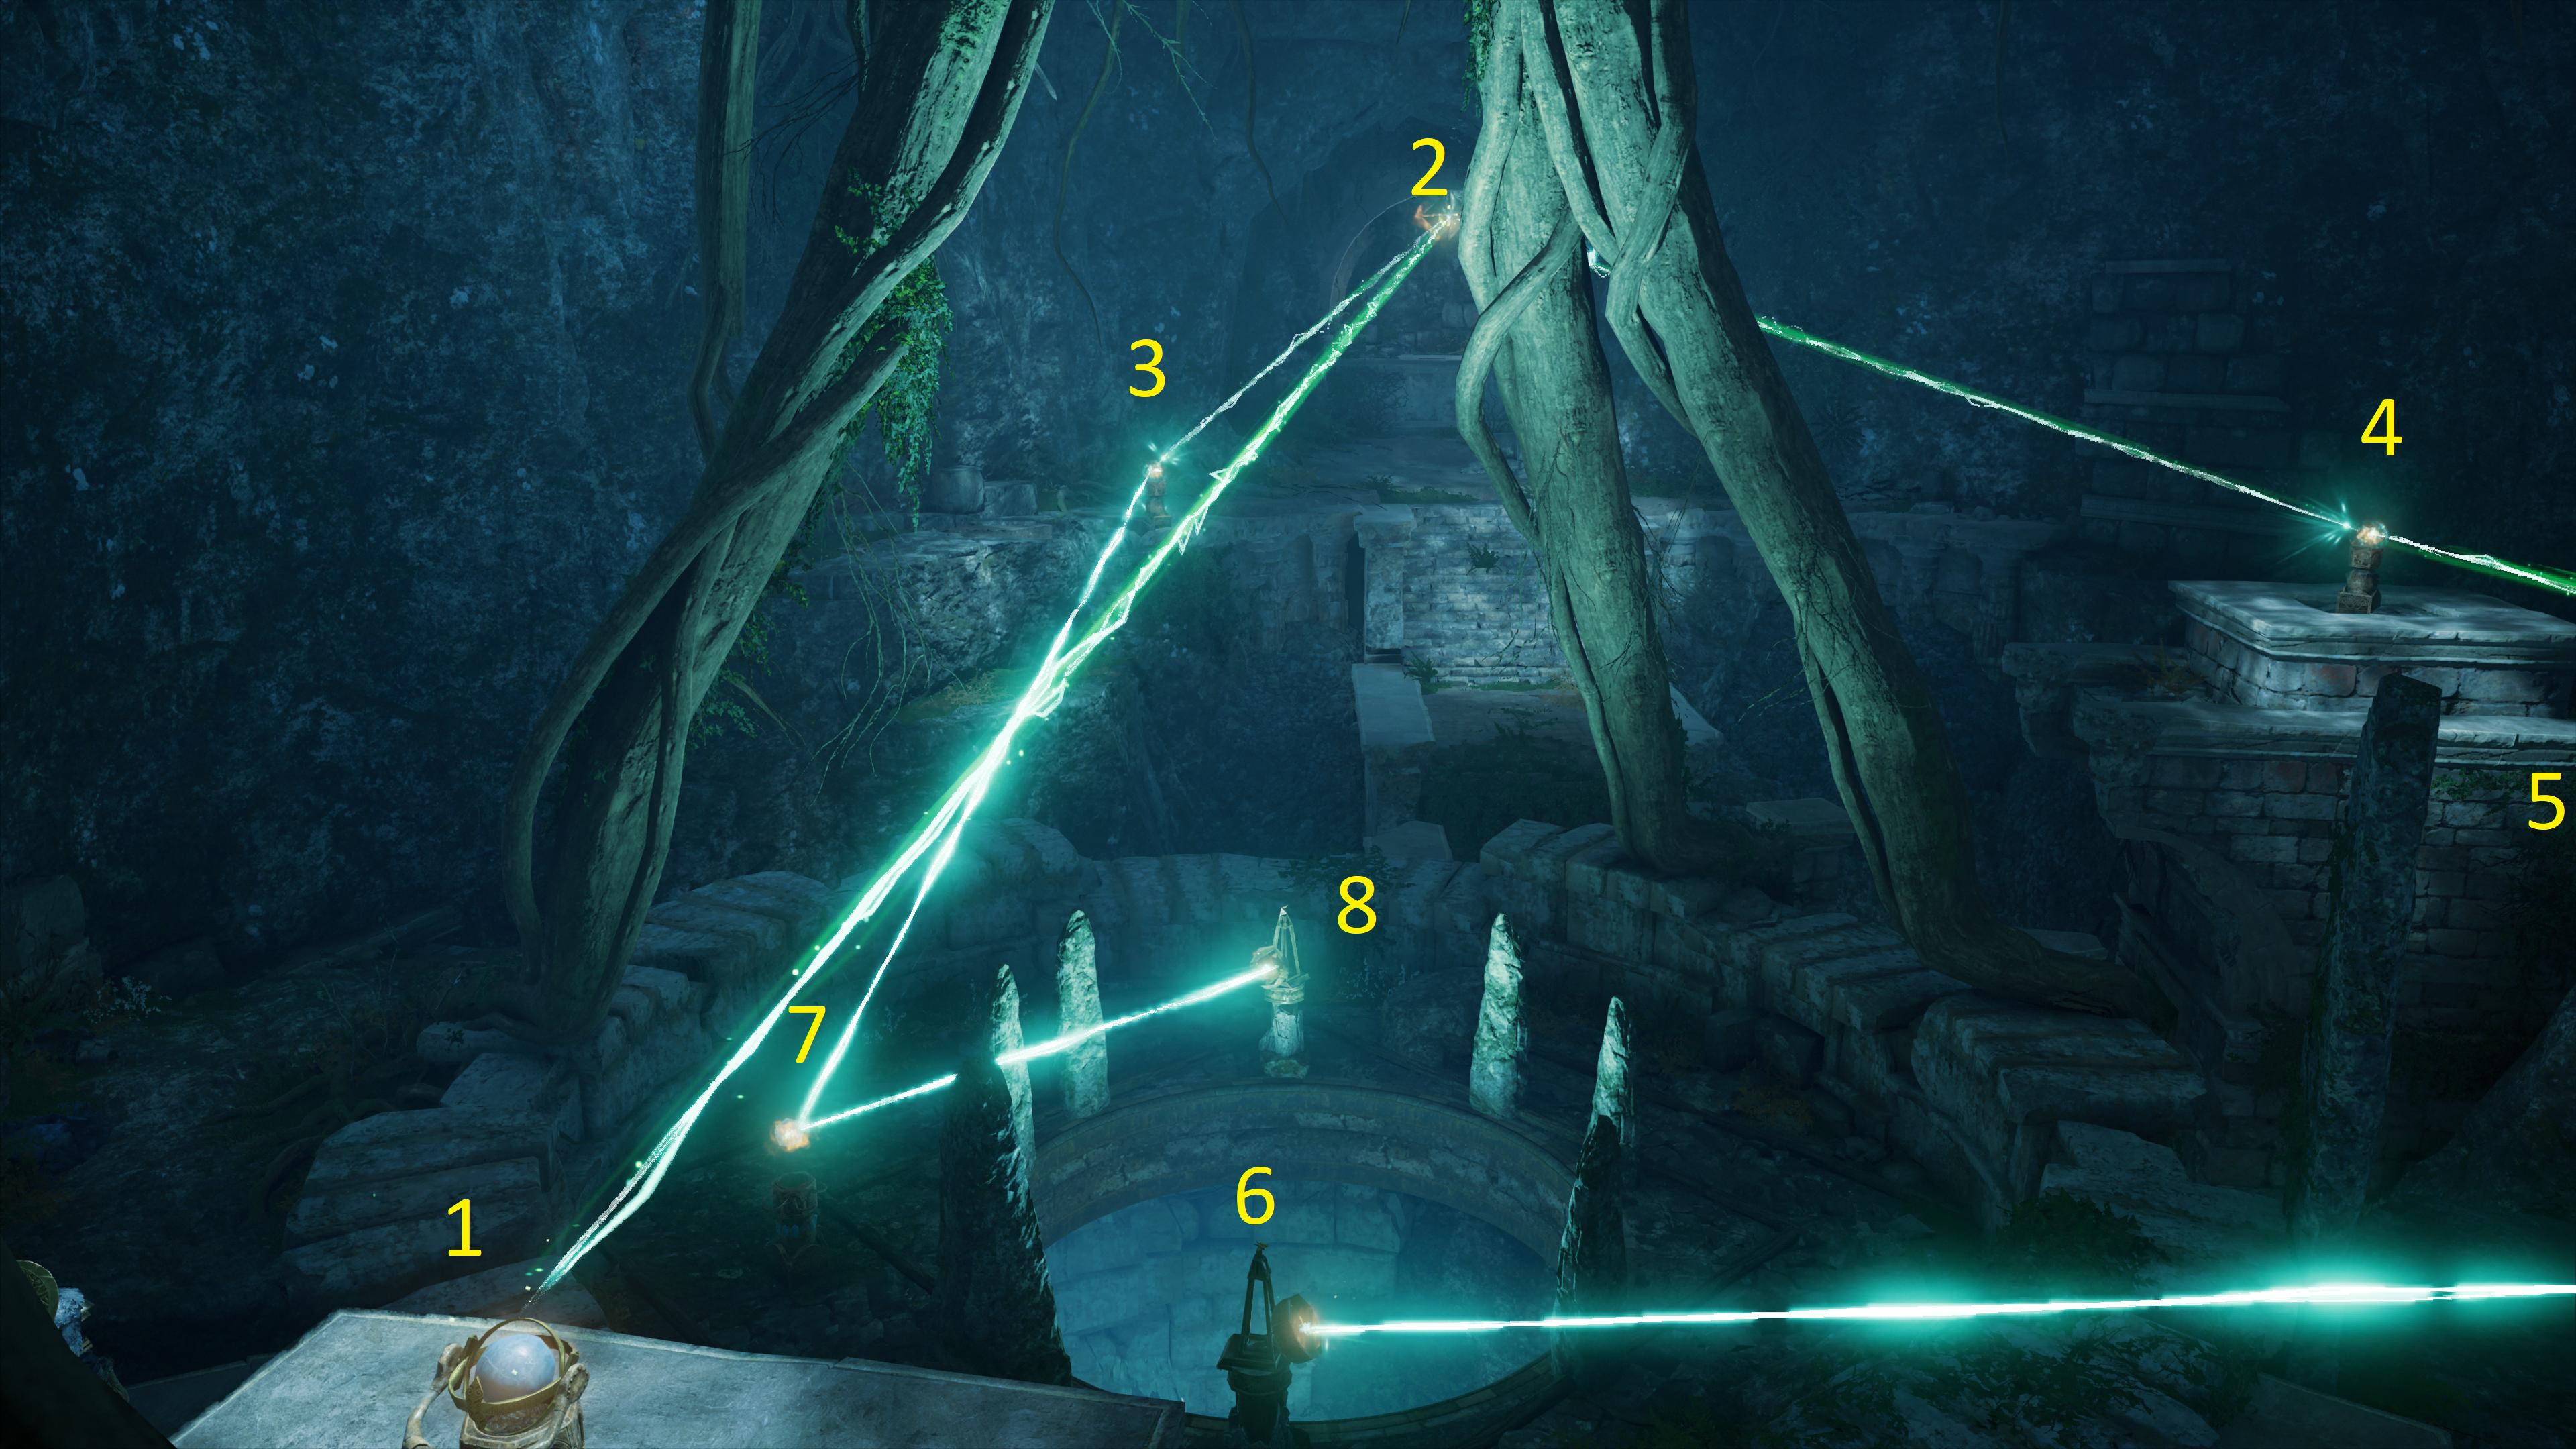 Гайд Assassin's Creed Valhalla — как открыть источник в Асгарде